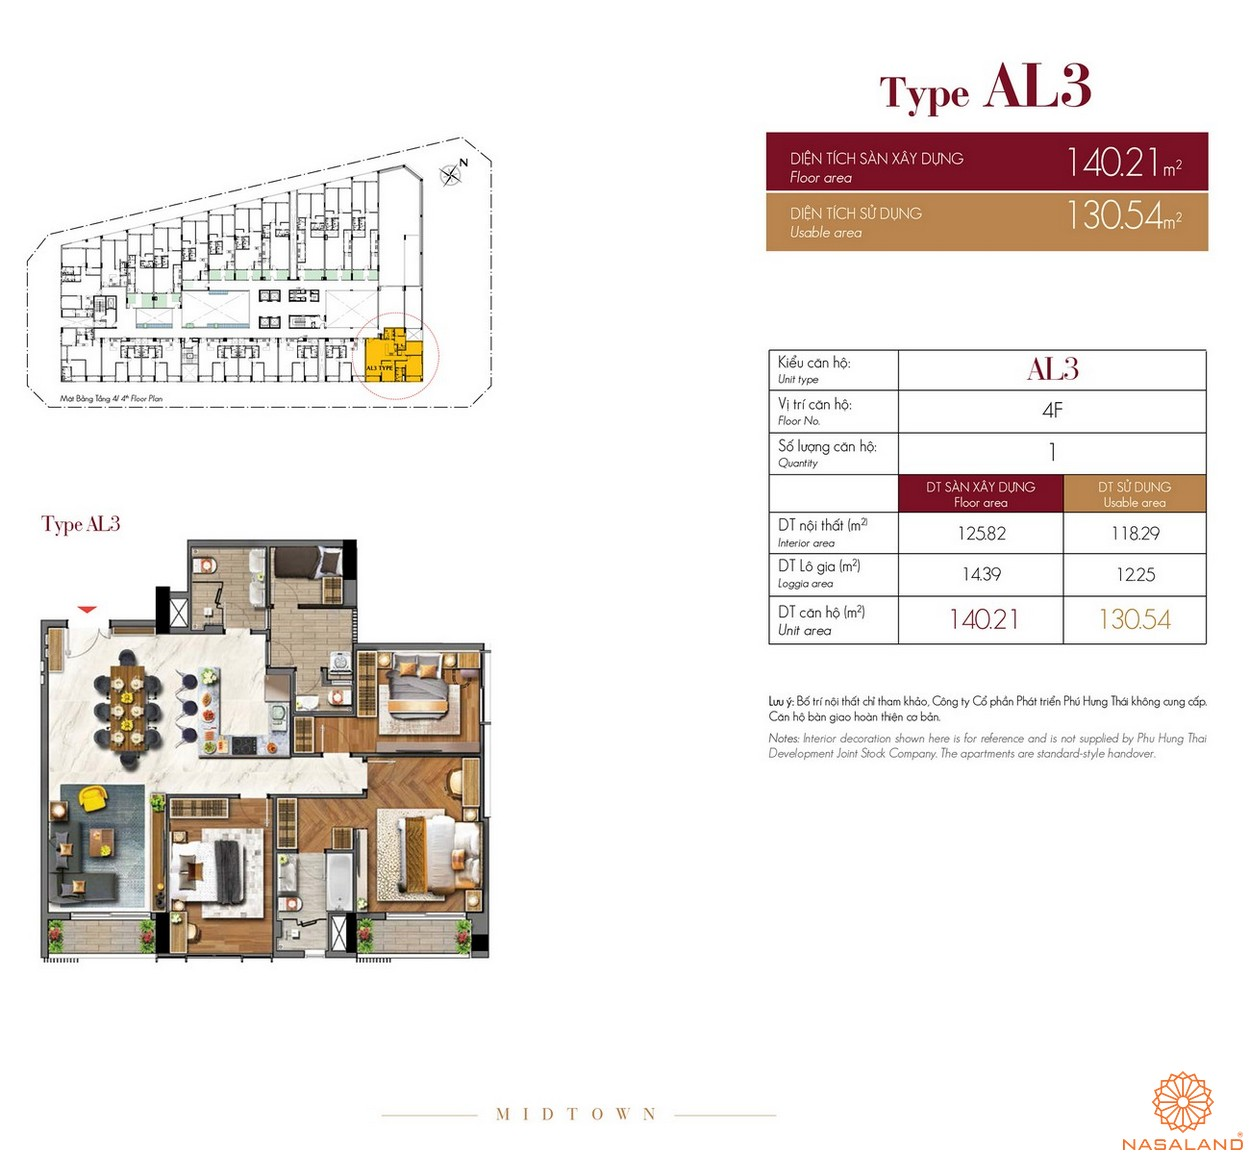 Thiết kế căn hộ Type AL3 dự án The Grande Midtown quận 7